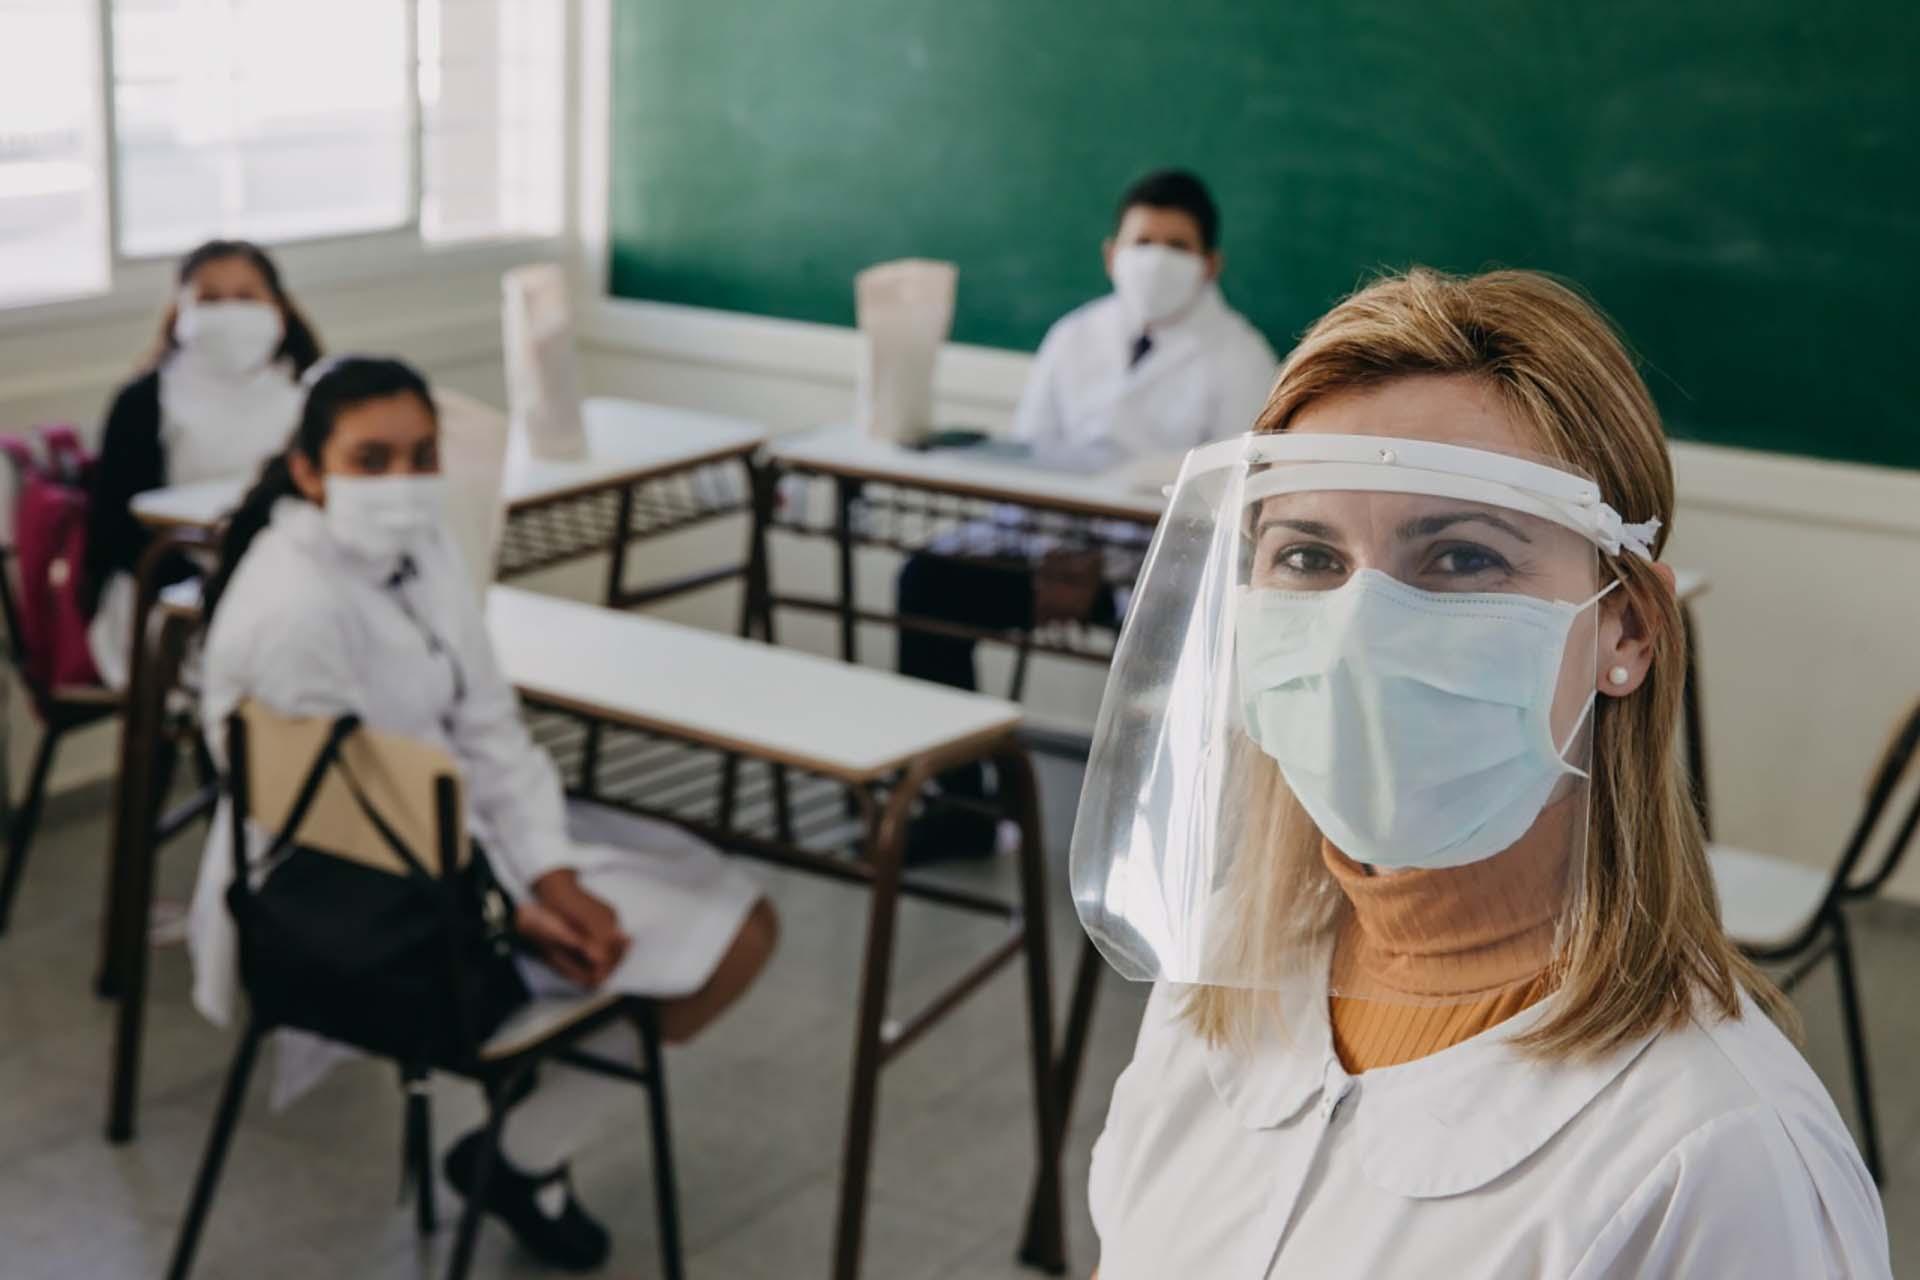 San Juan fue la primera provincia en retomar las clases presenciales el lunes 10 de agosto. Lo hizo con un protocolo especial y un sistema bimodal, que incluyó plataformas electrónicas y el envío de guías de estudio. La medida se aplicó en más de 10 mil alumnos